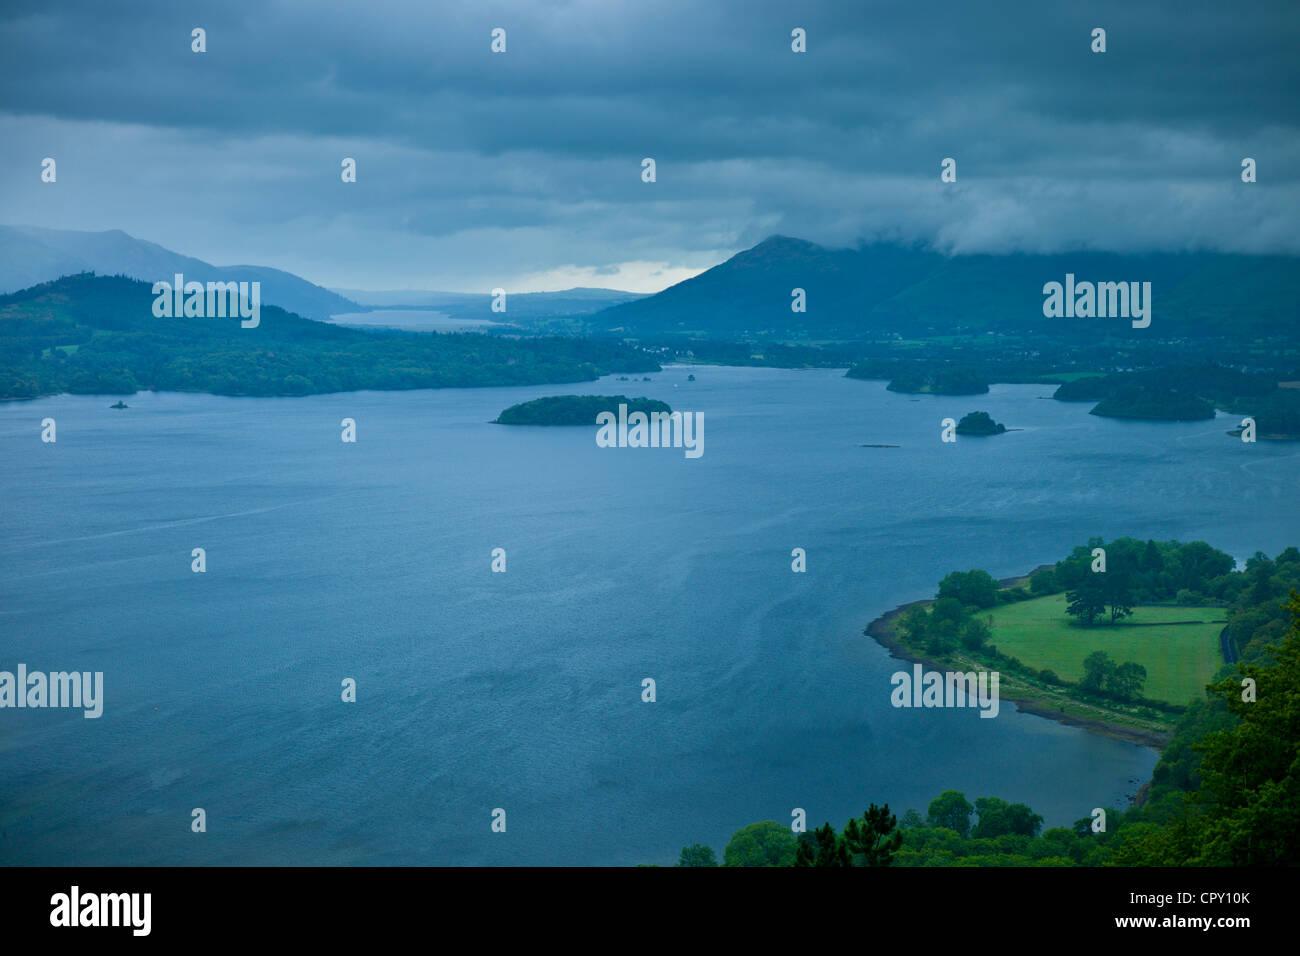 Derwent Water lago dal lato sud del Parco Nazionale del Distretto dei Laghi, Cumbria, Regno Unito Foto Stock